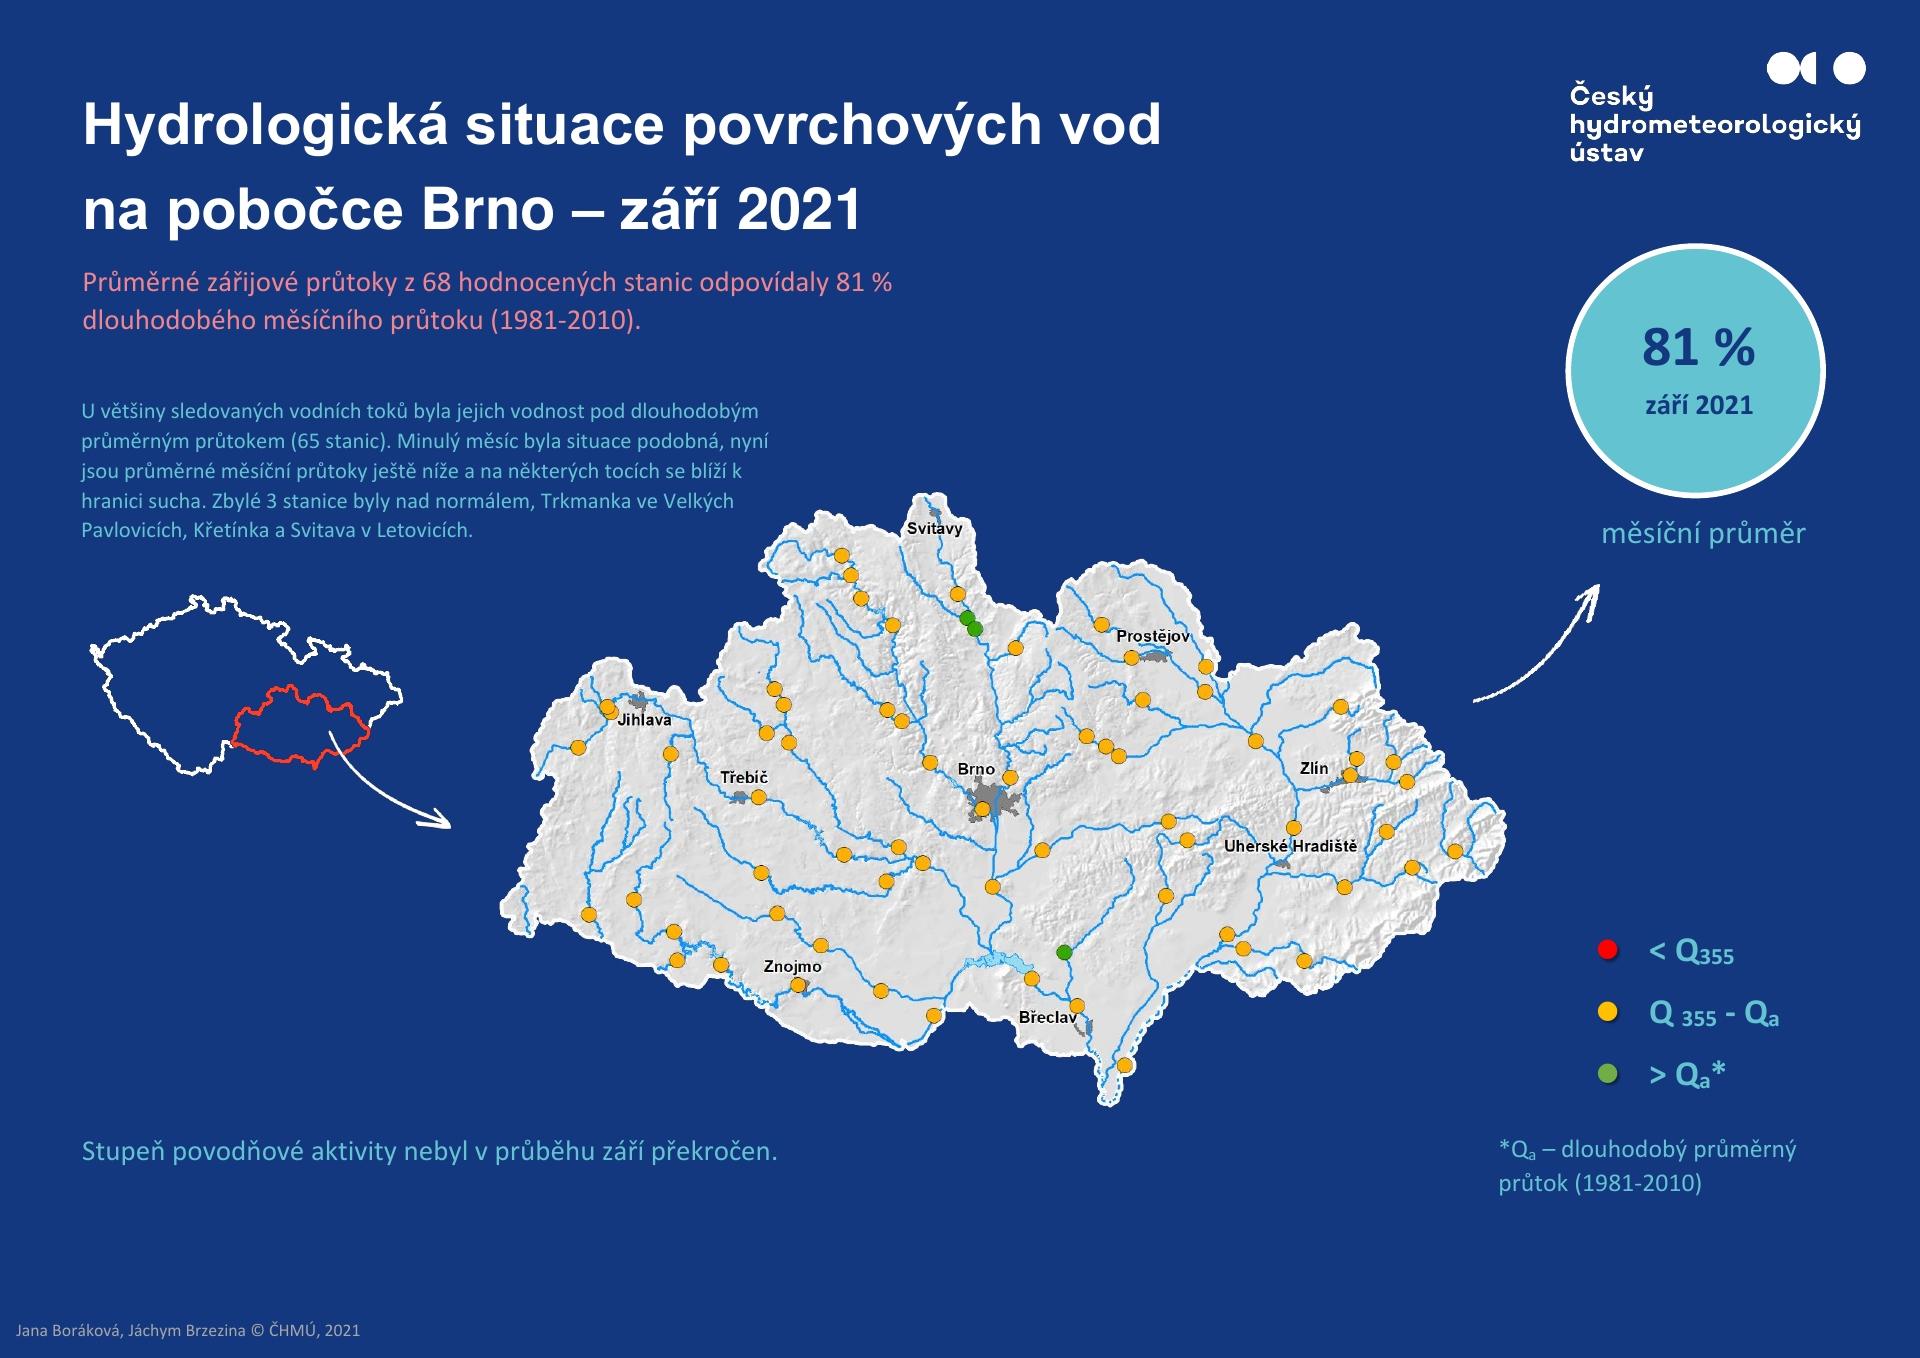 Hydrologická situace povrchových vod na pobočce Brno – září 20211 min čtení